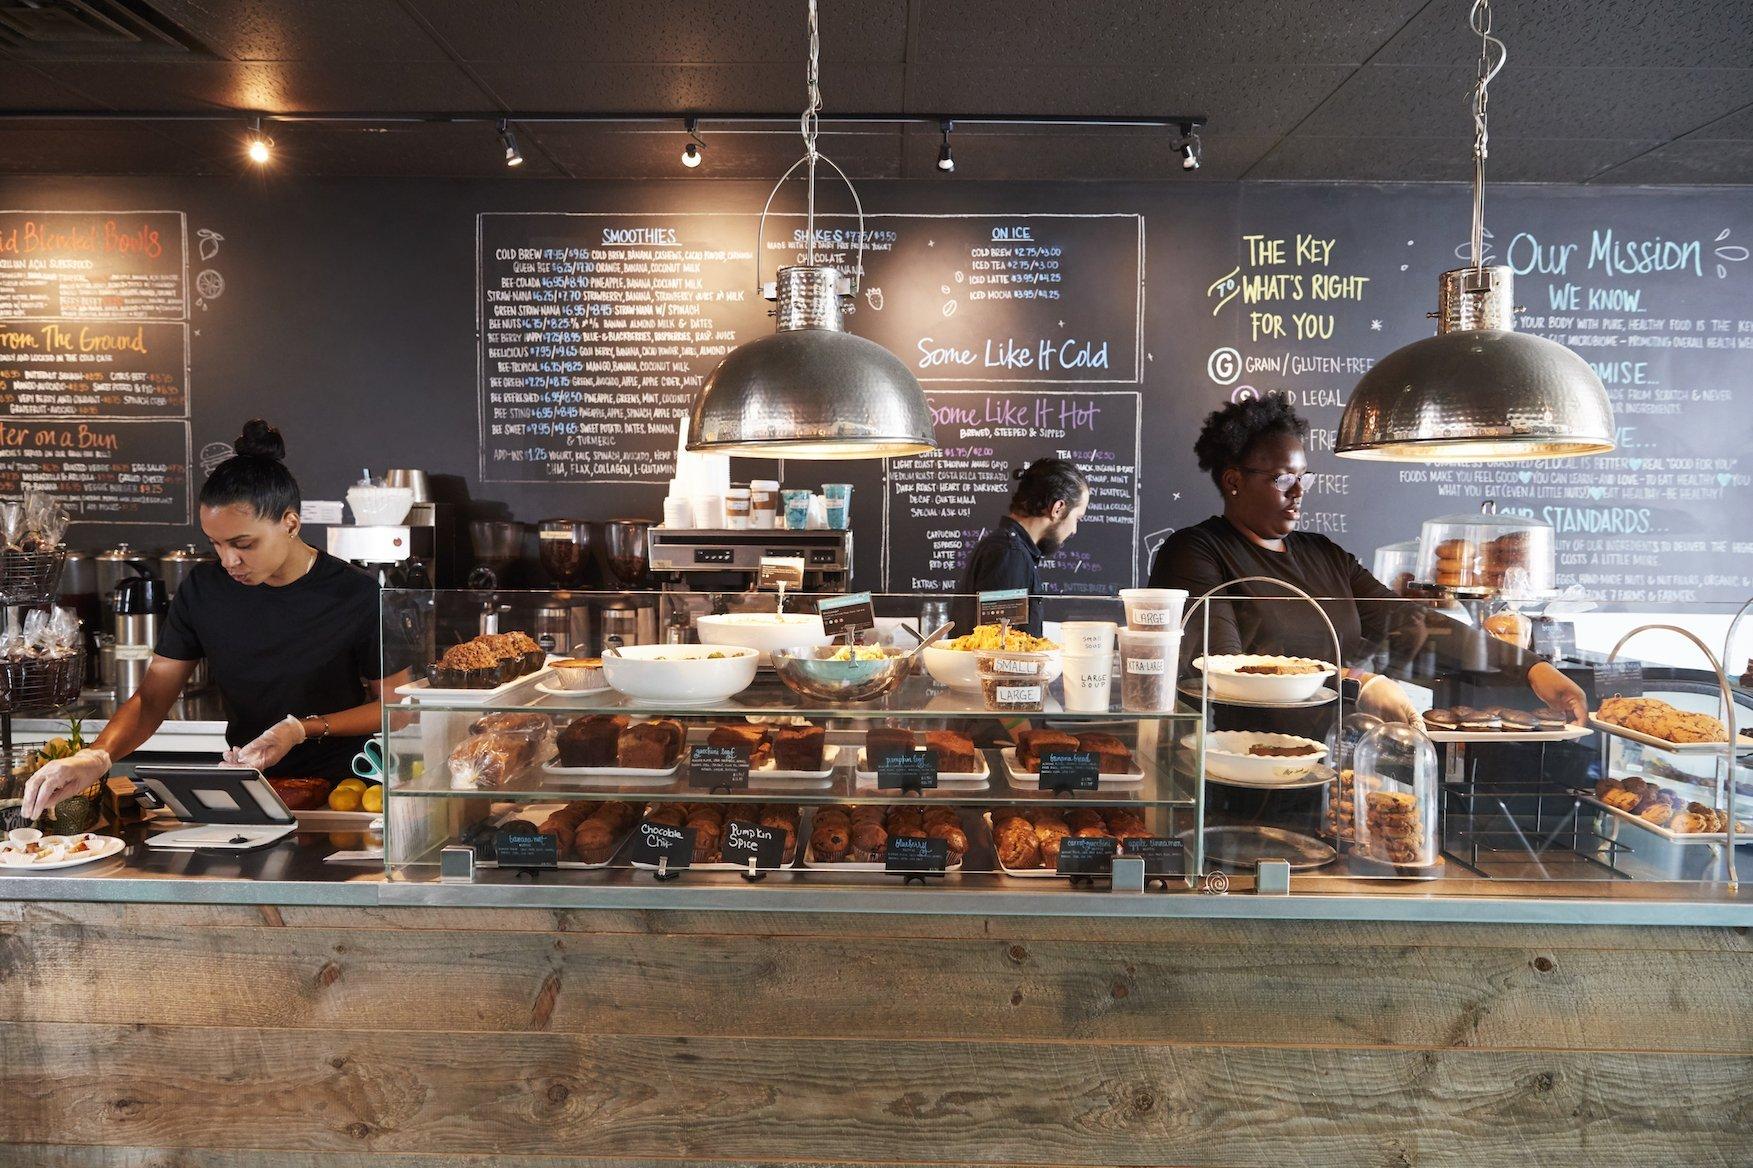 Yrityksen perustaminen: kahvilan perustaminen ja budjetointi